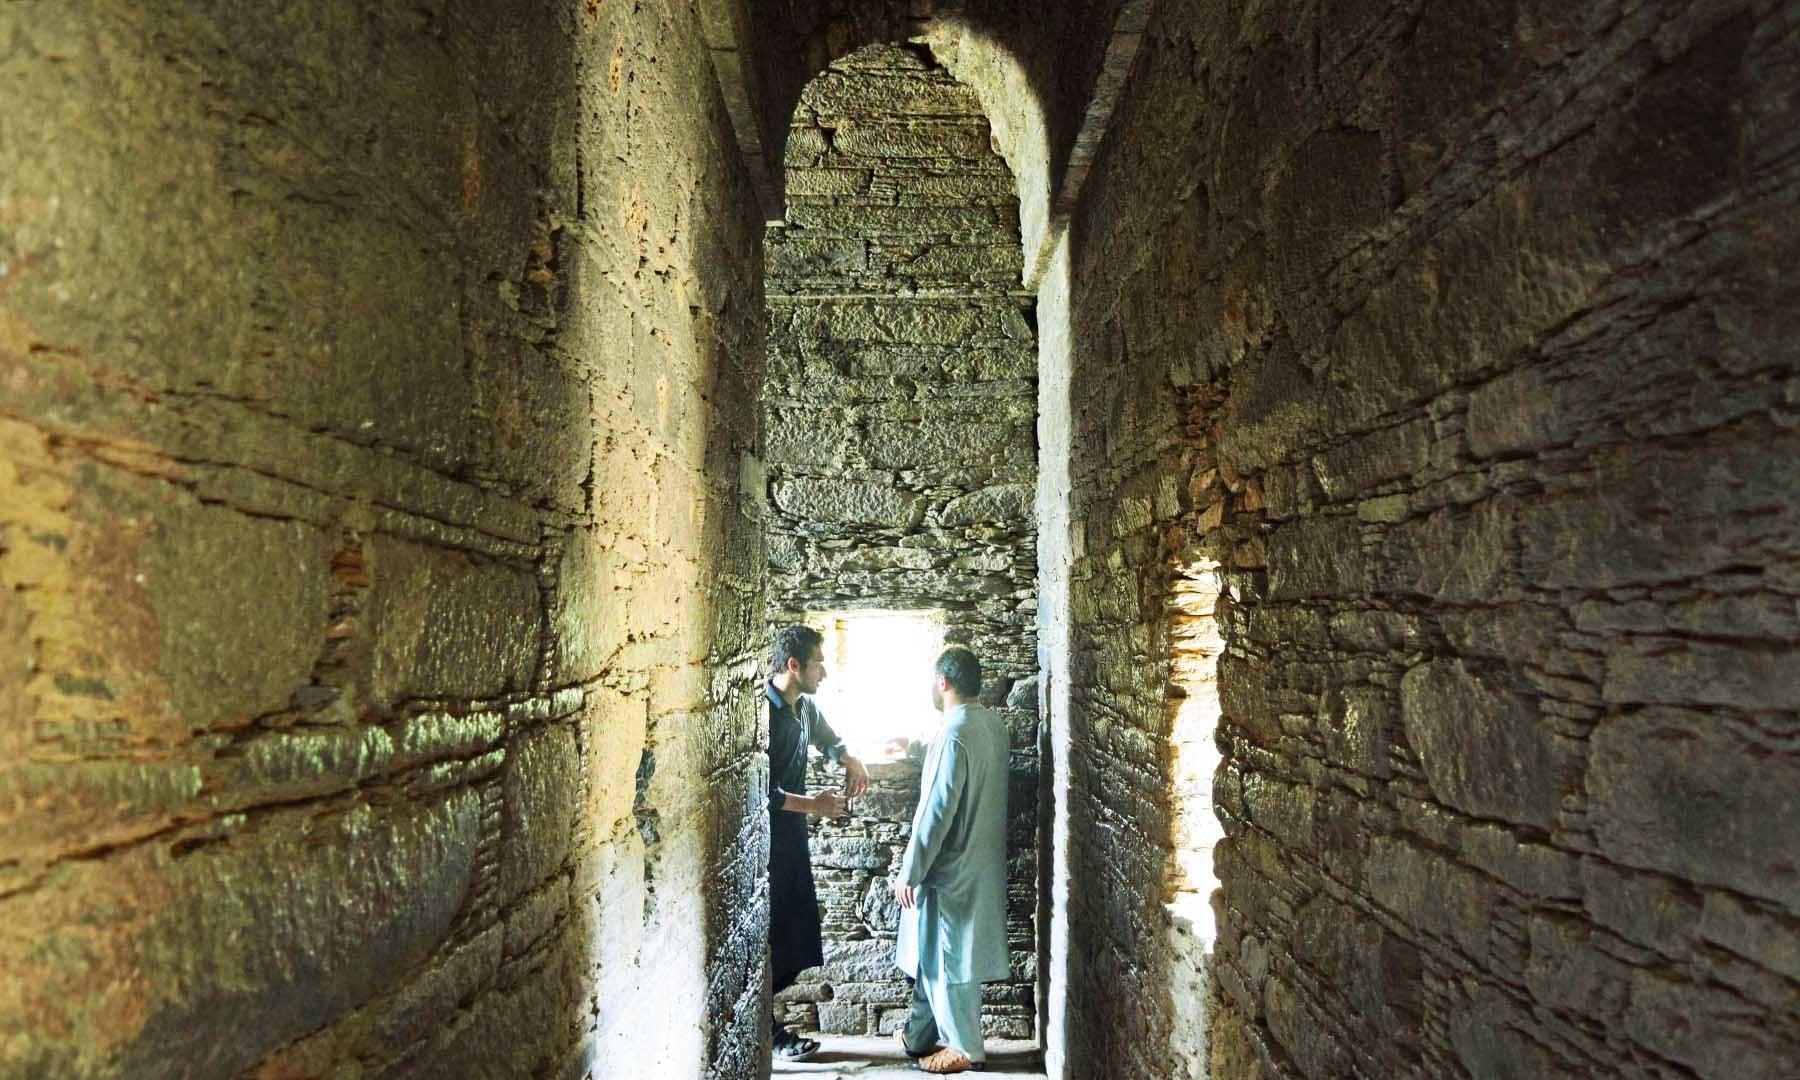 وہاڑے کے گرد گھومنے والا چھت دار راستہ— تصویر امجد علی سحاب